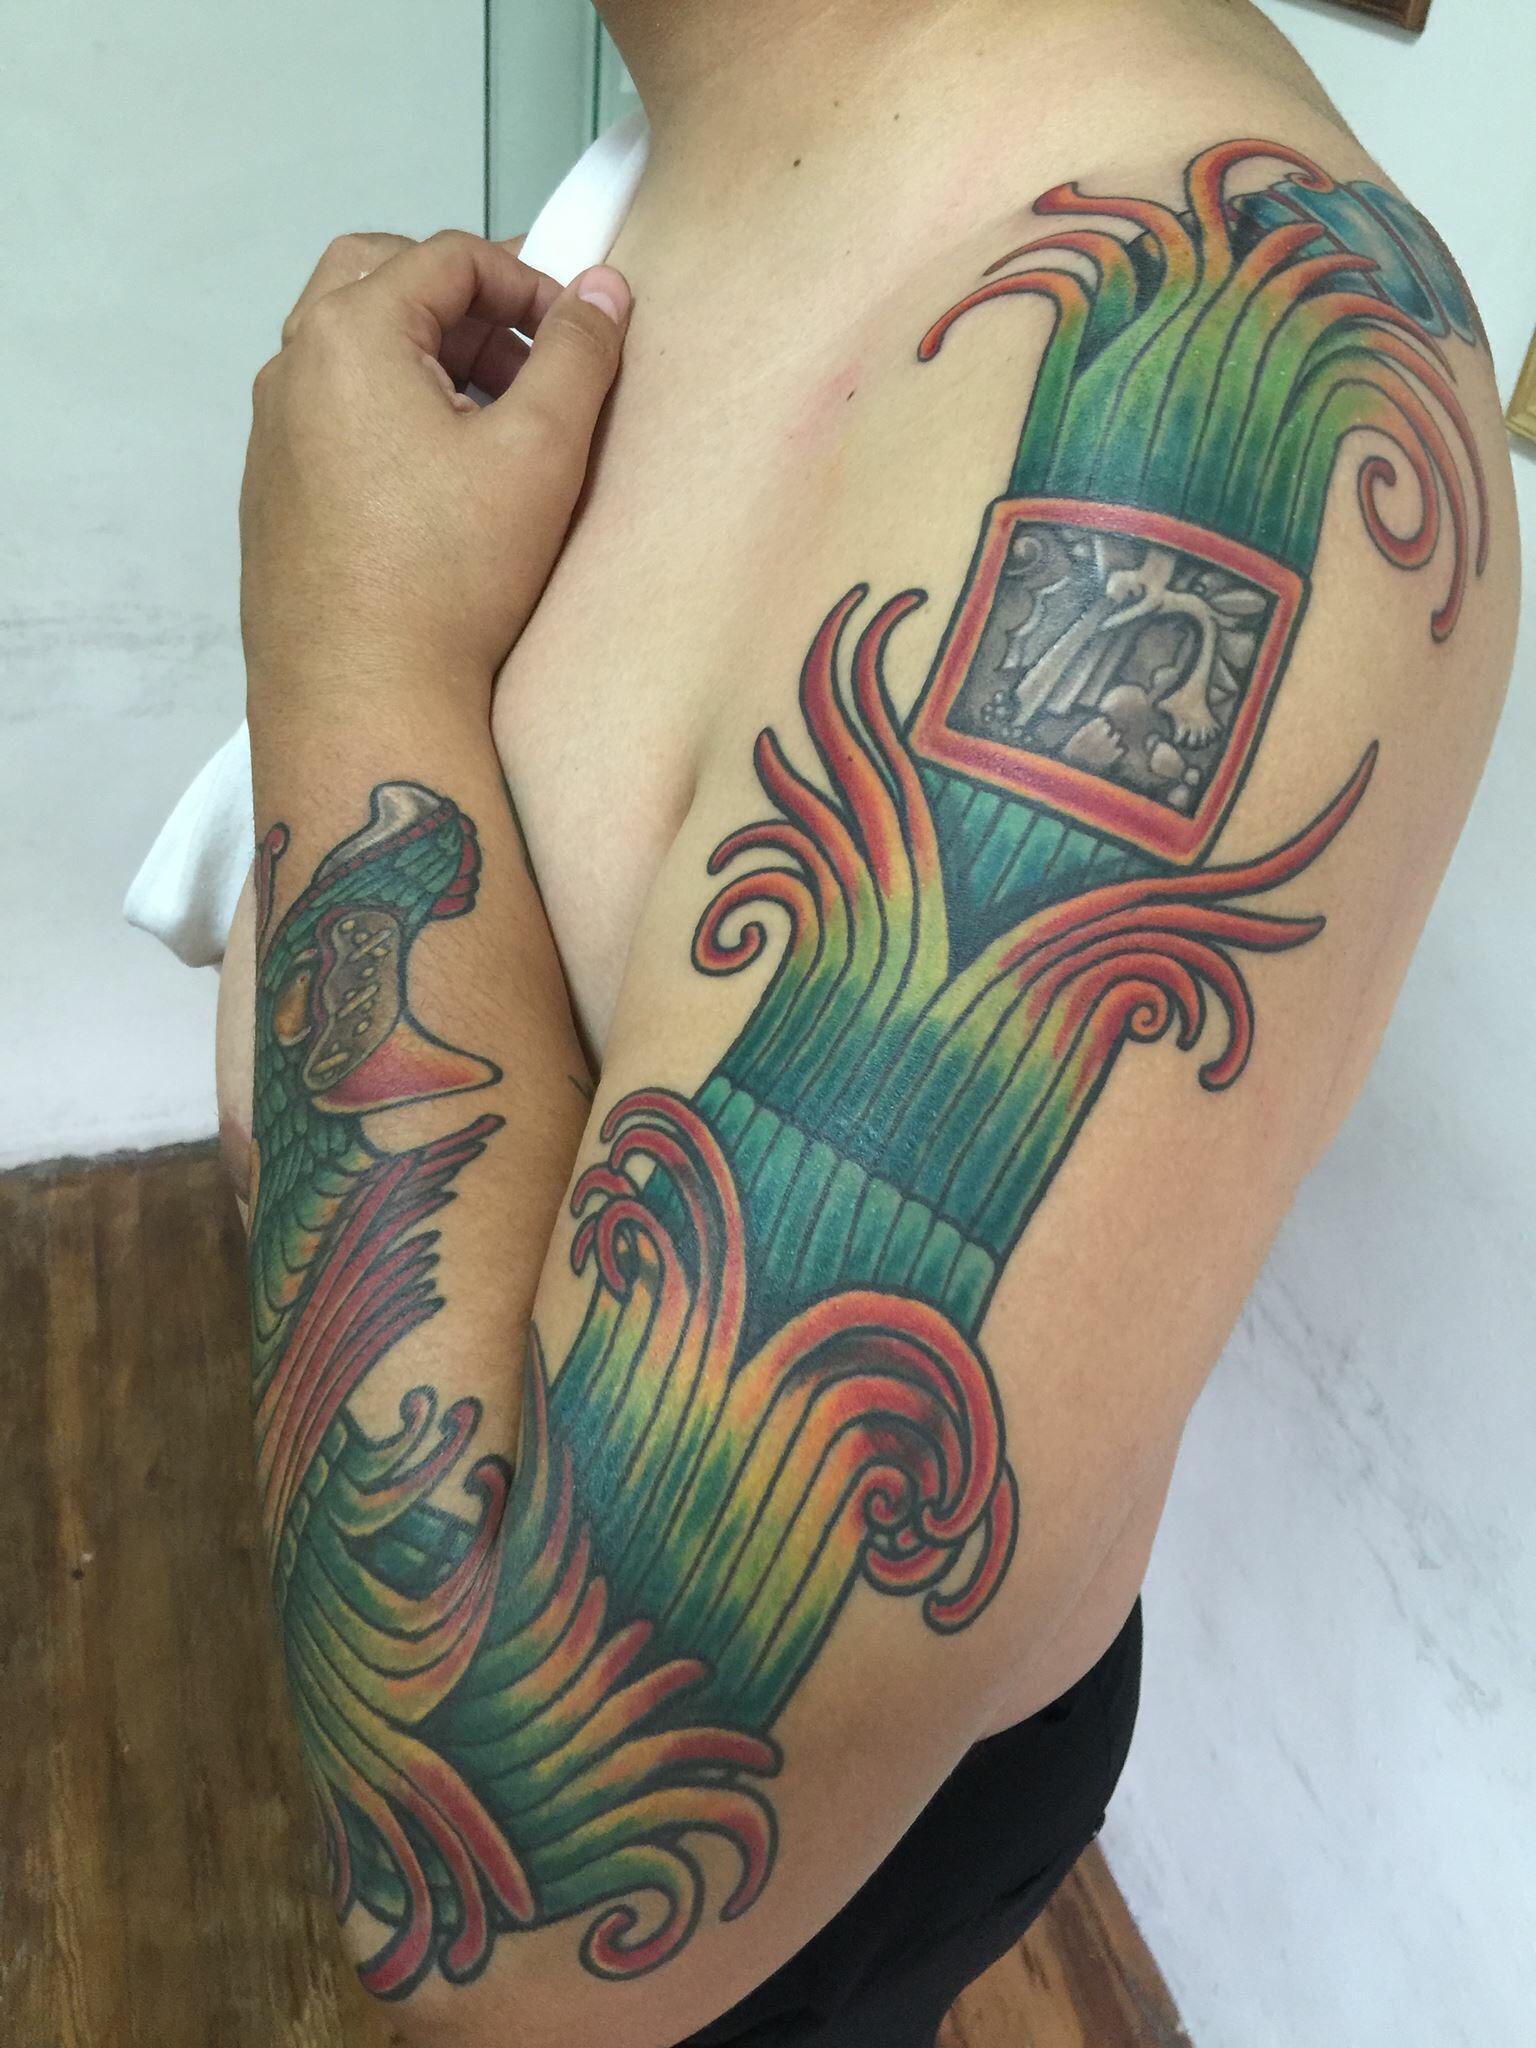 Tatuaje ceremonial de Quetzalcoatl, danza azteca y temazcales, arte,  Hecho por Osvaldo Castillo. Estudio Tatuajes Ofrenda de Sangre, Ciudad de México. Constantino